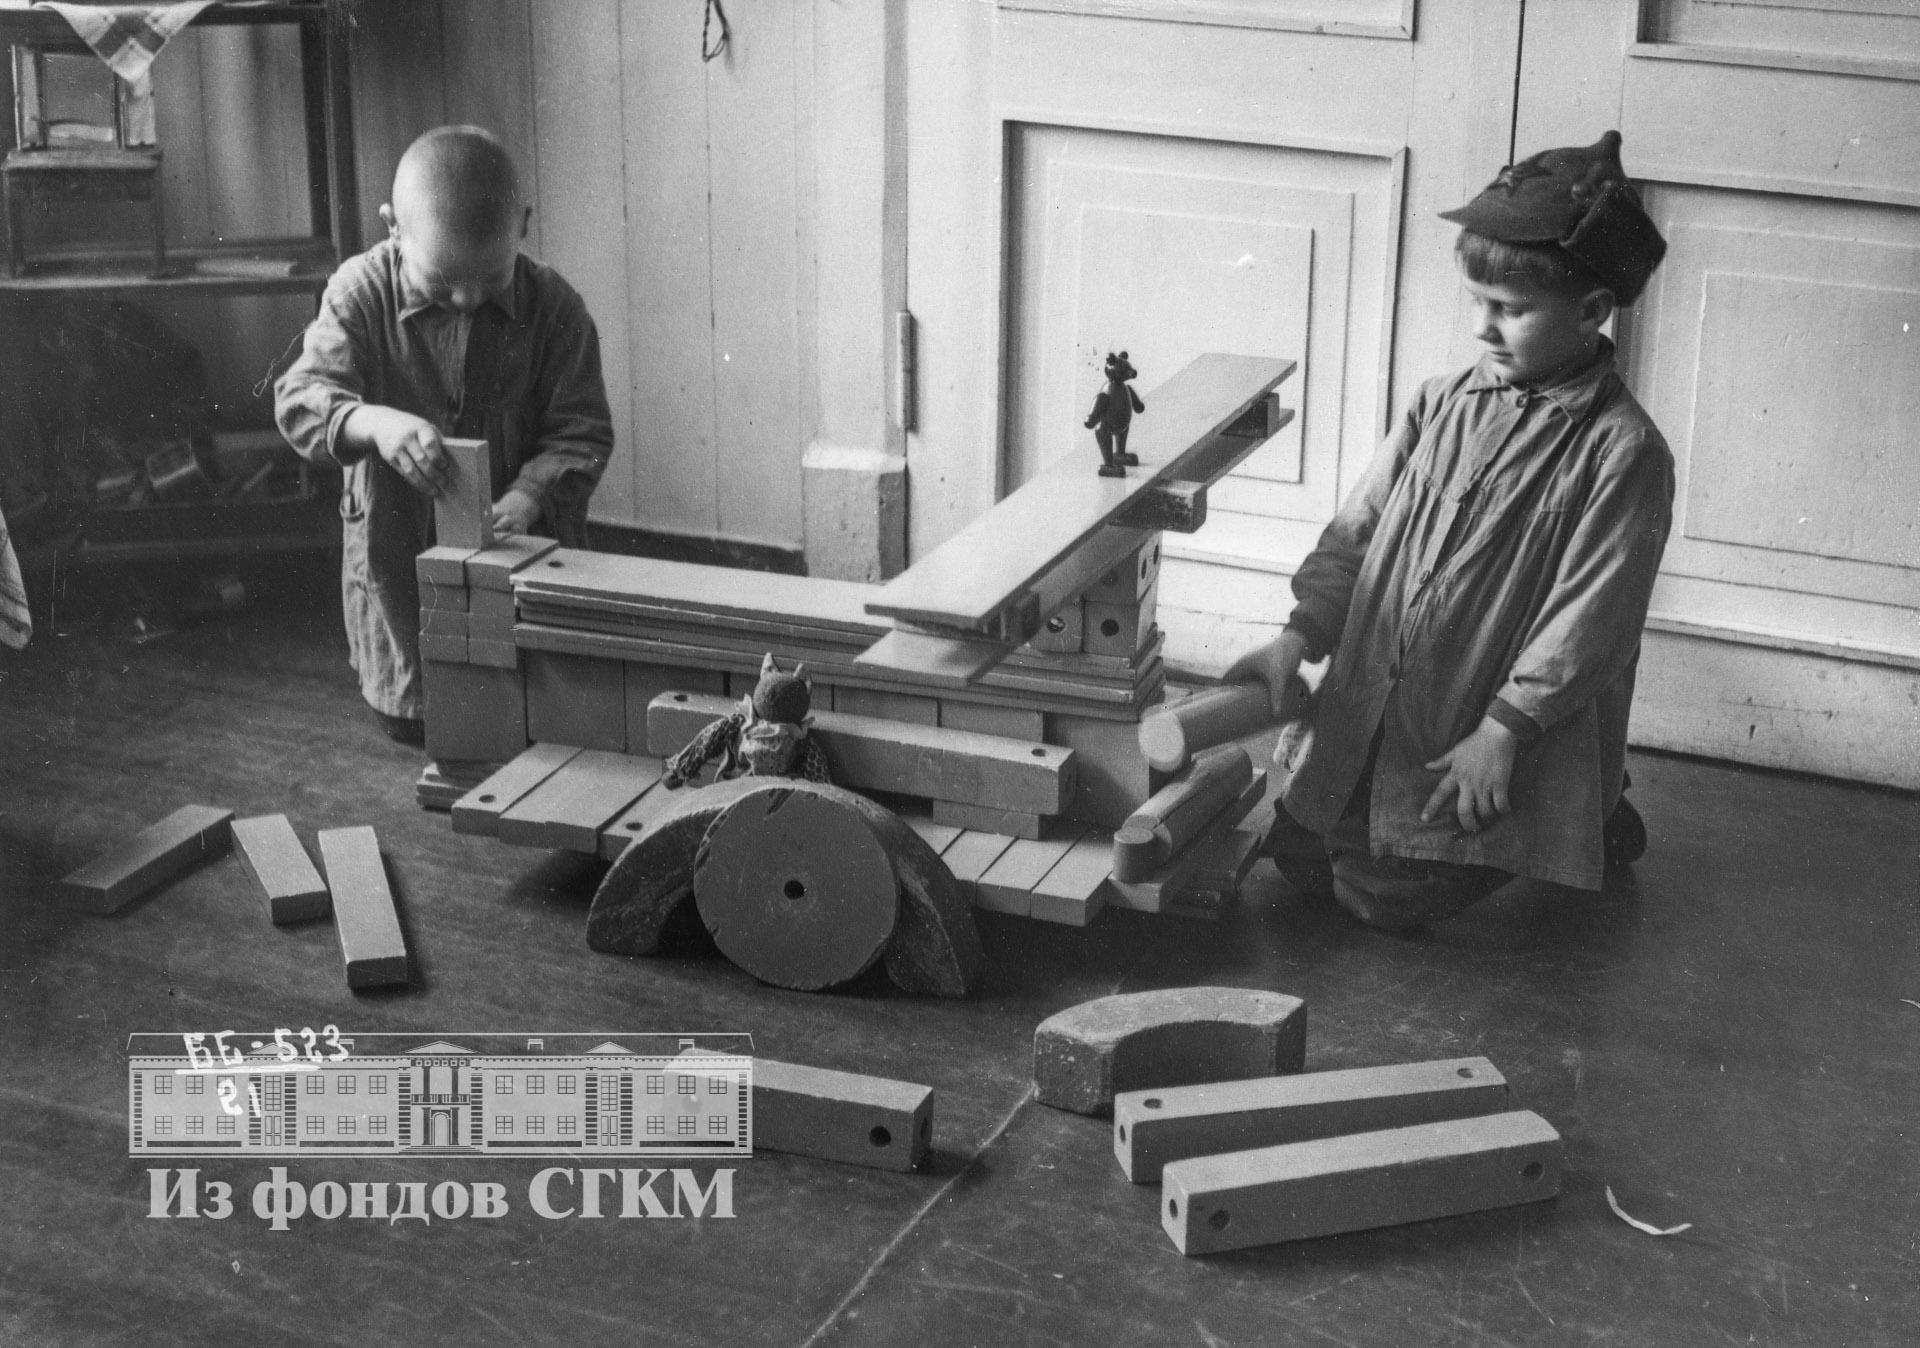 1940. Детский сад строительства. Старшая группа, сборка самолета